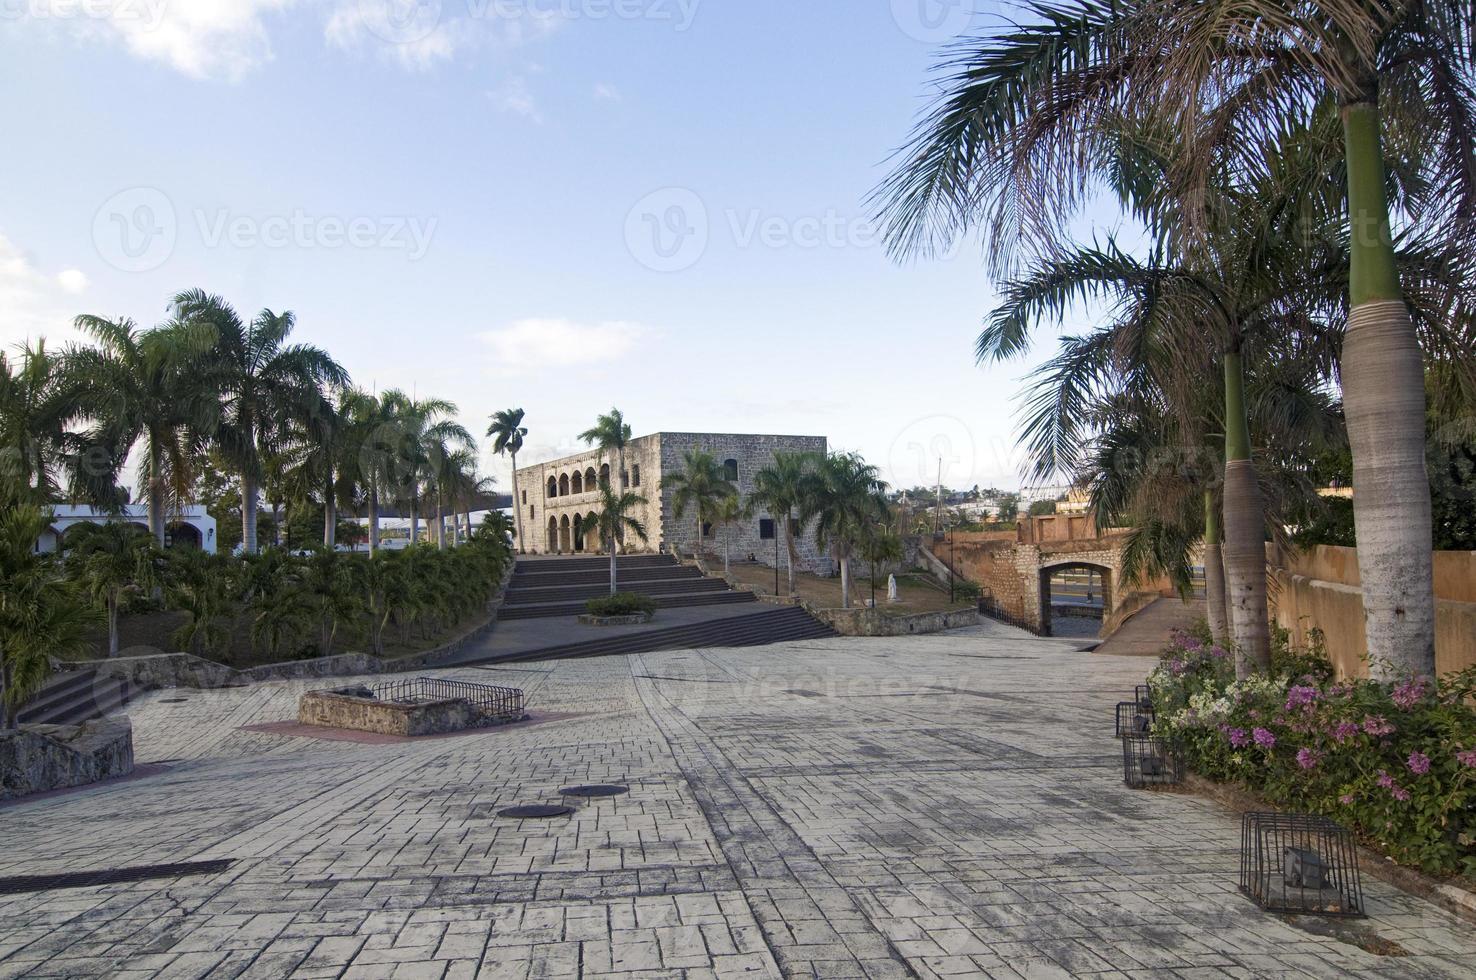 alcazar de colon, república dominicana. foto